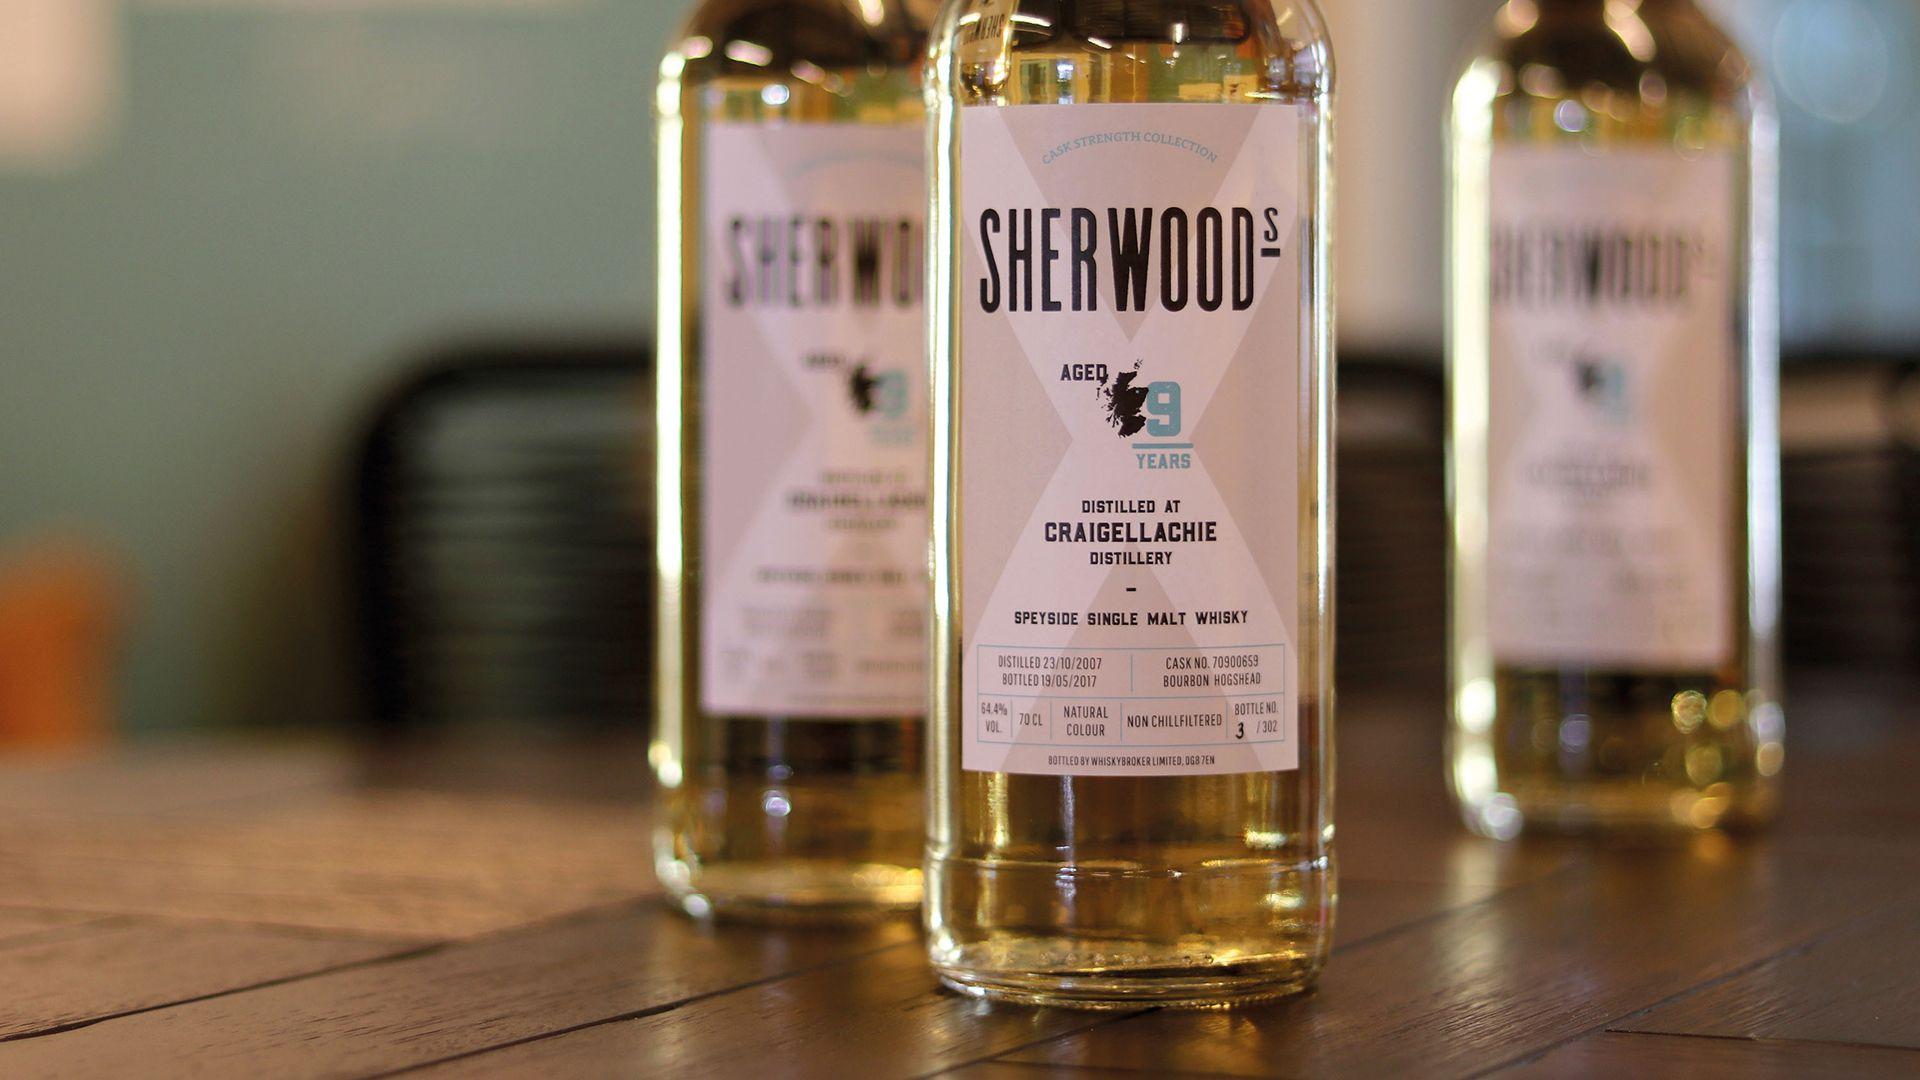 Sherwood whisky